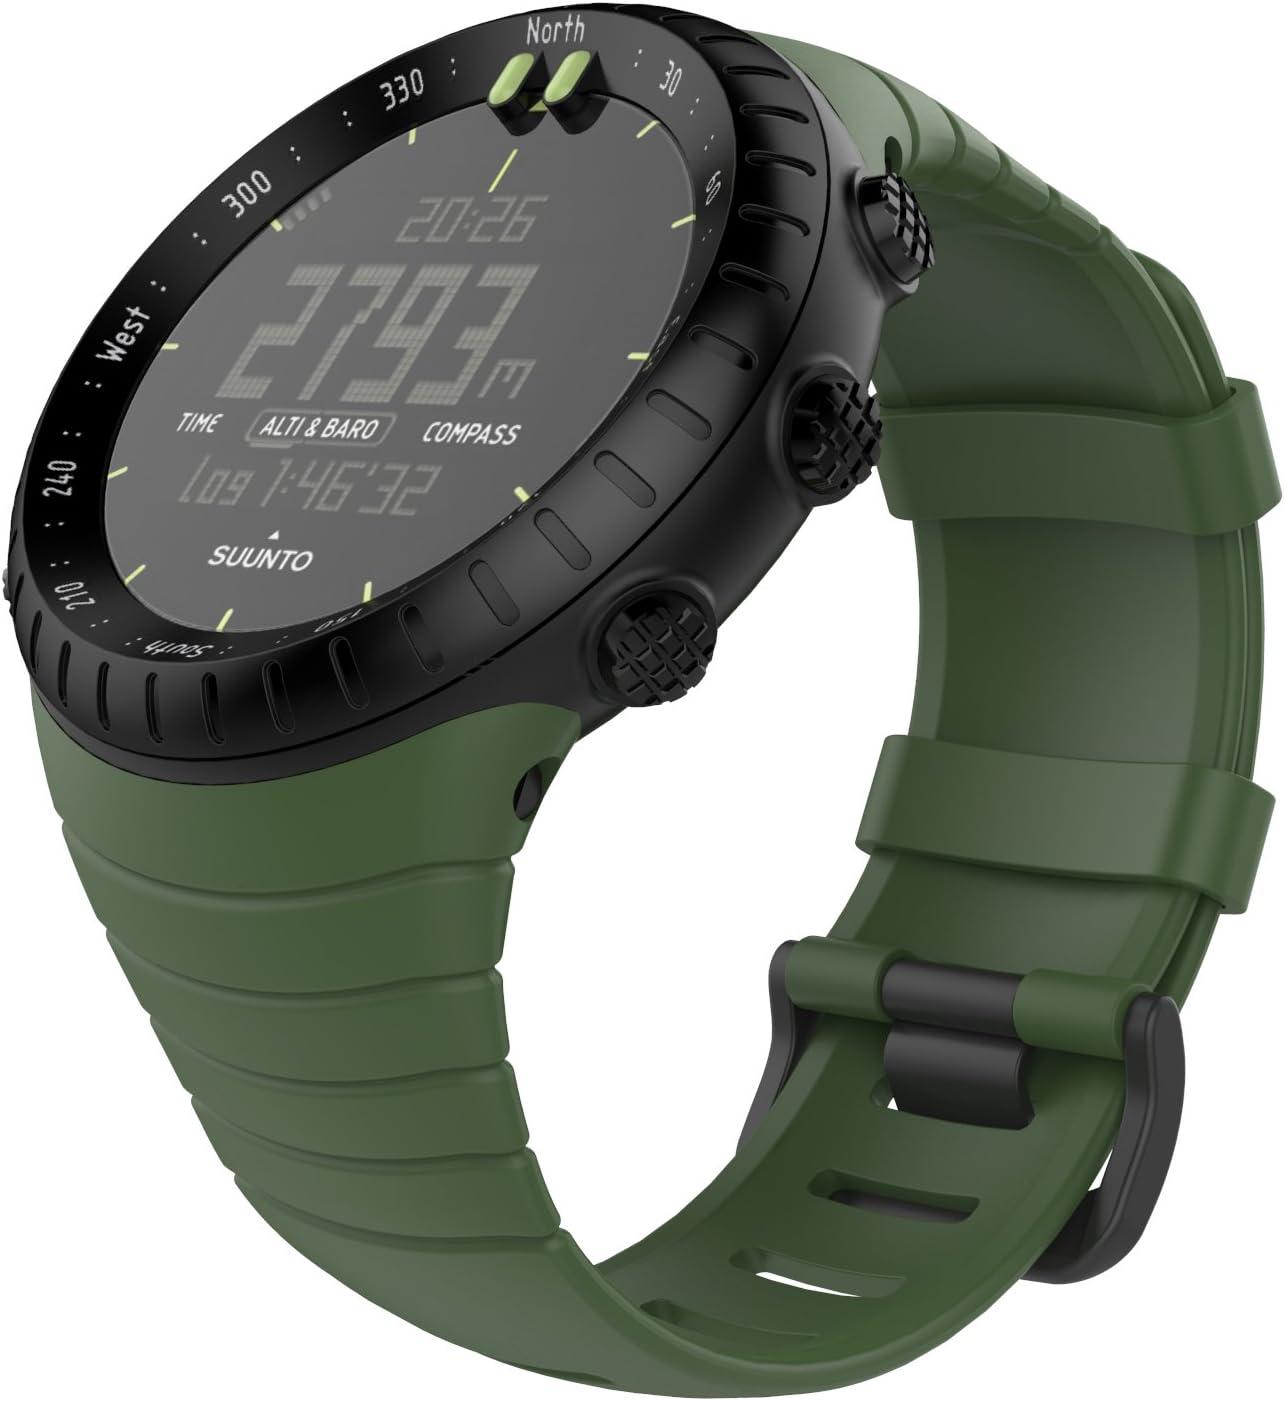 MoKo Banda de Reloj para Suunto Core, Clásico Reemplazo Suave Puño/Pulsera con Cierre de Metal para Suunto Core Smart Watch, se Ajusta a la Muñeca de 5.51